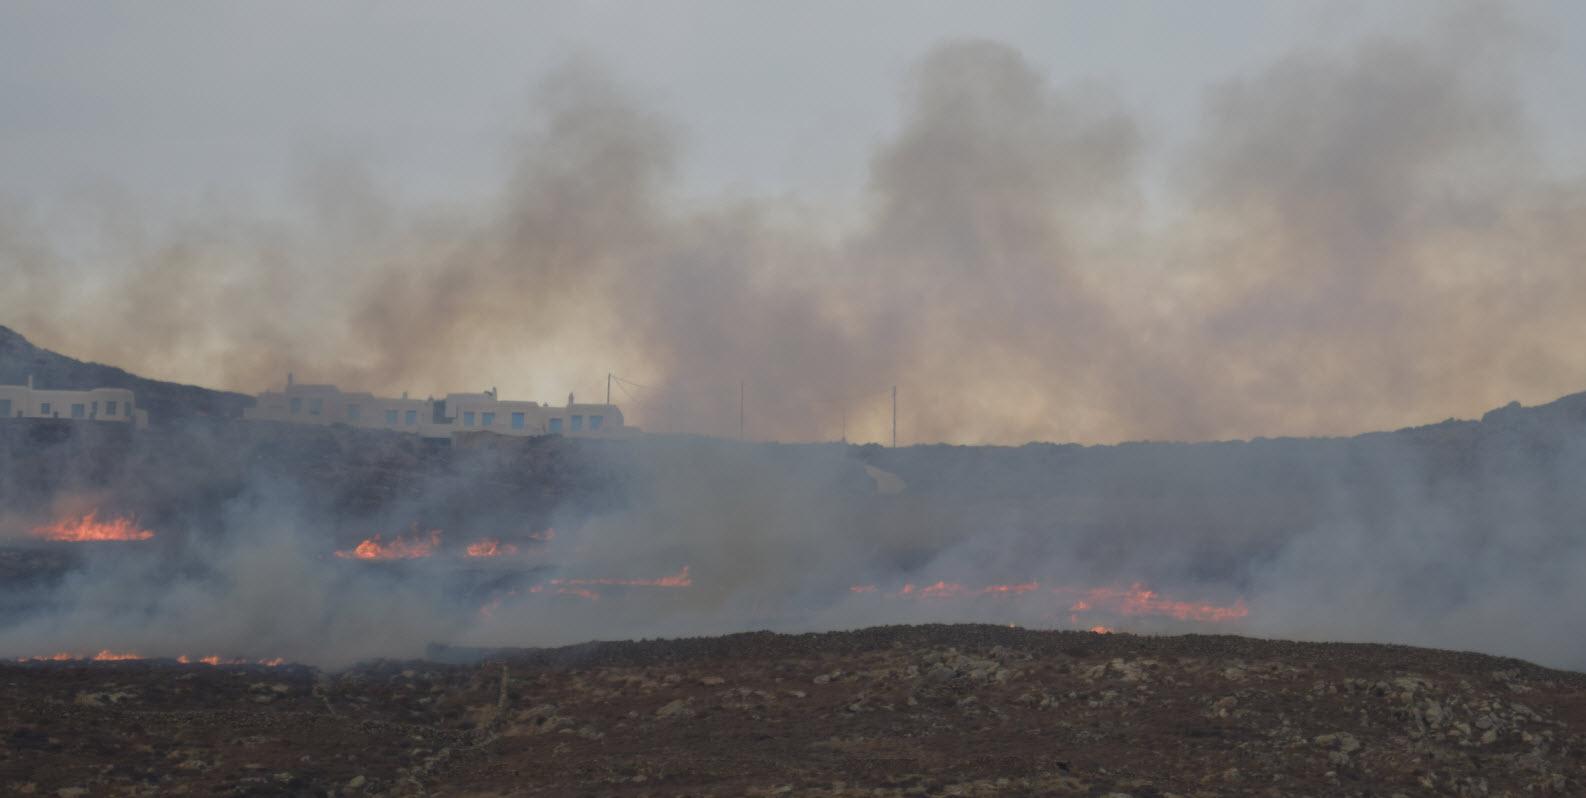 Νέα Αντιπυρική Περίοδος 2018: Αποφυγή επικίνδυνων ενεργειών για πρόκληση πυρκαγιών